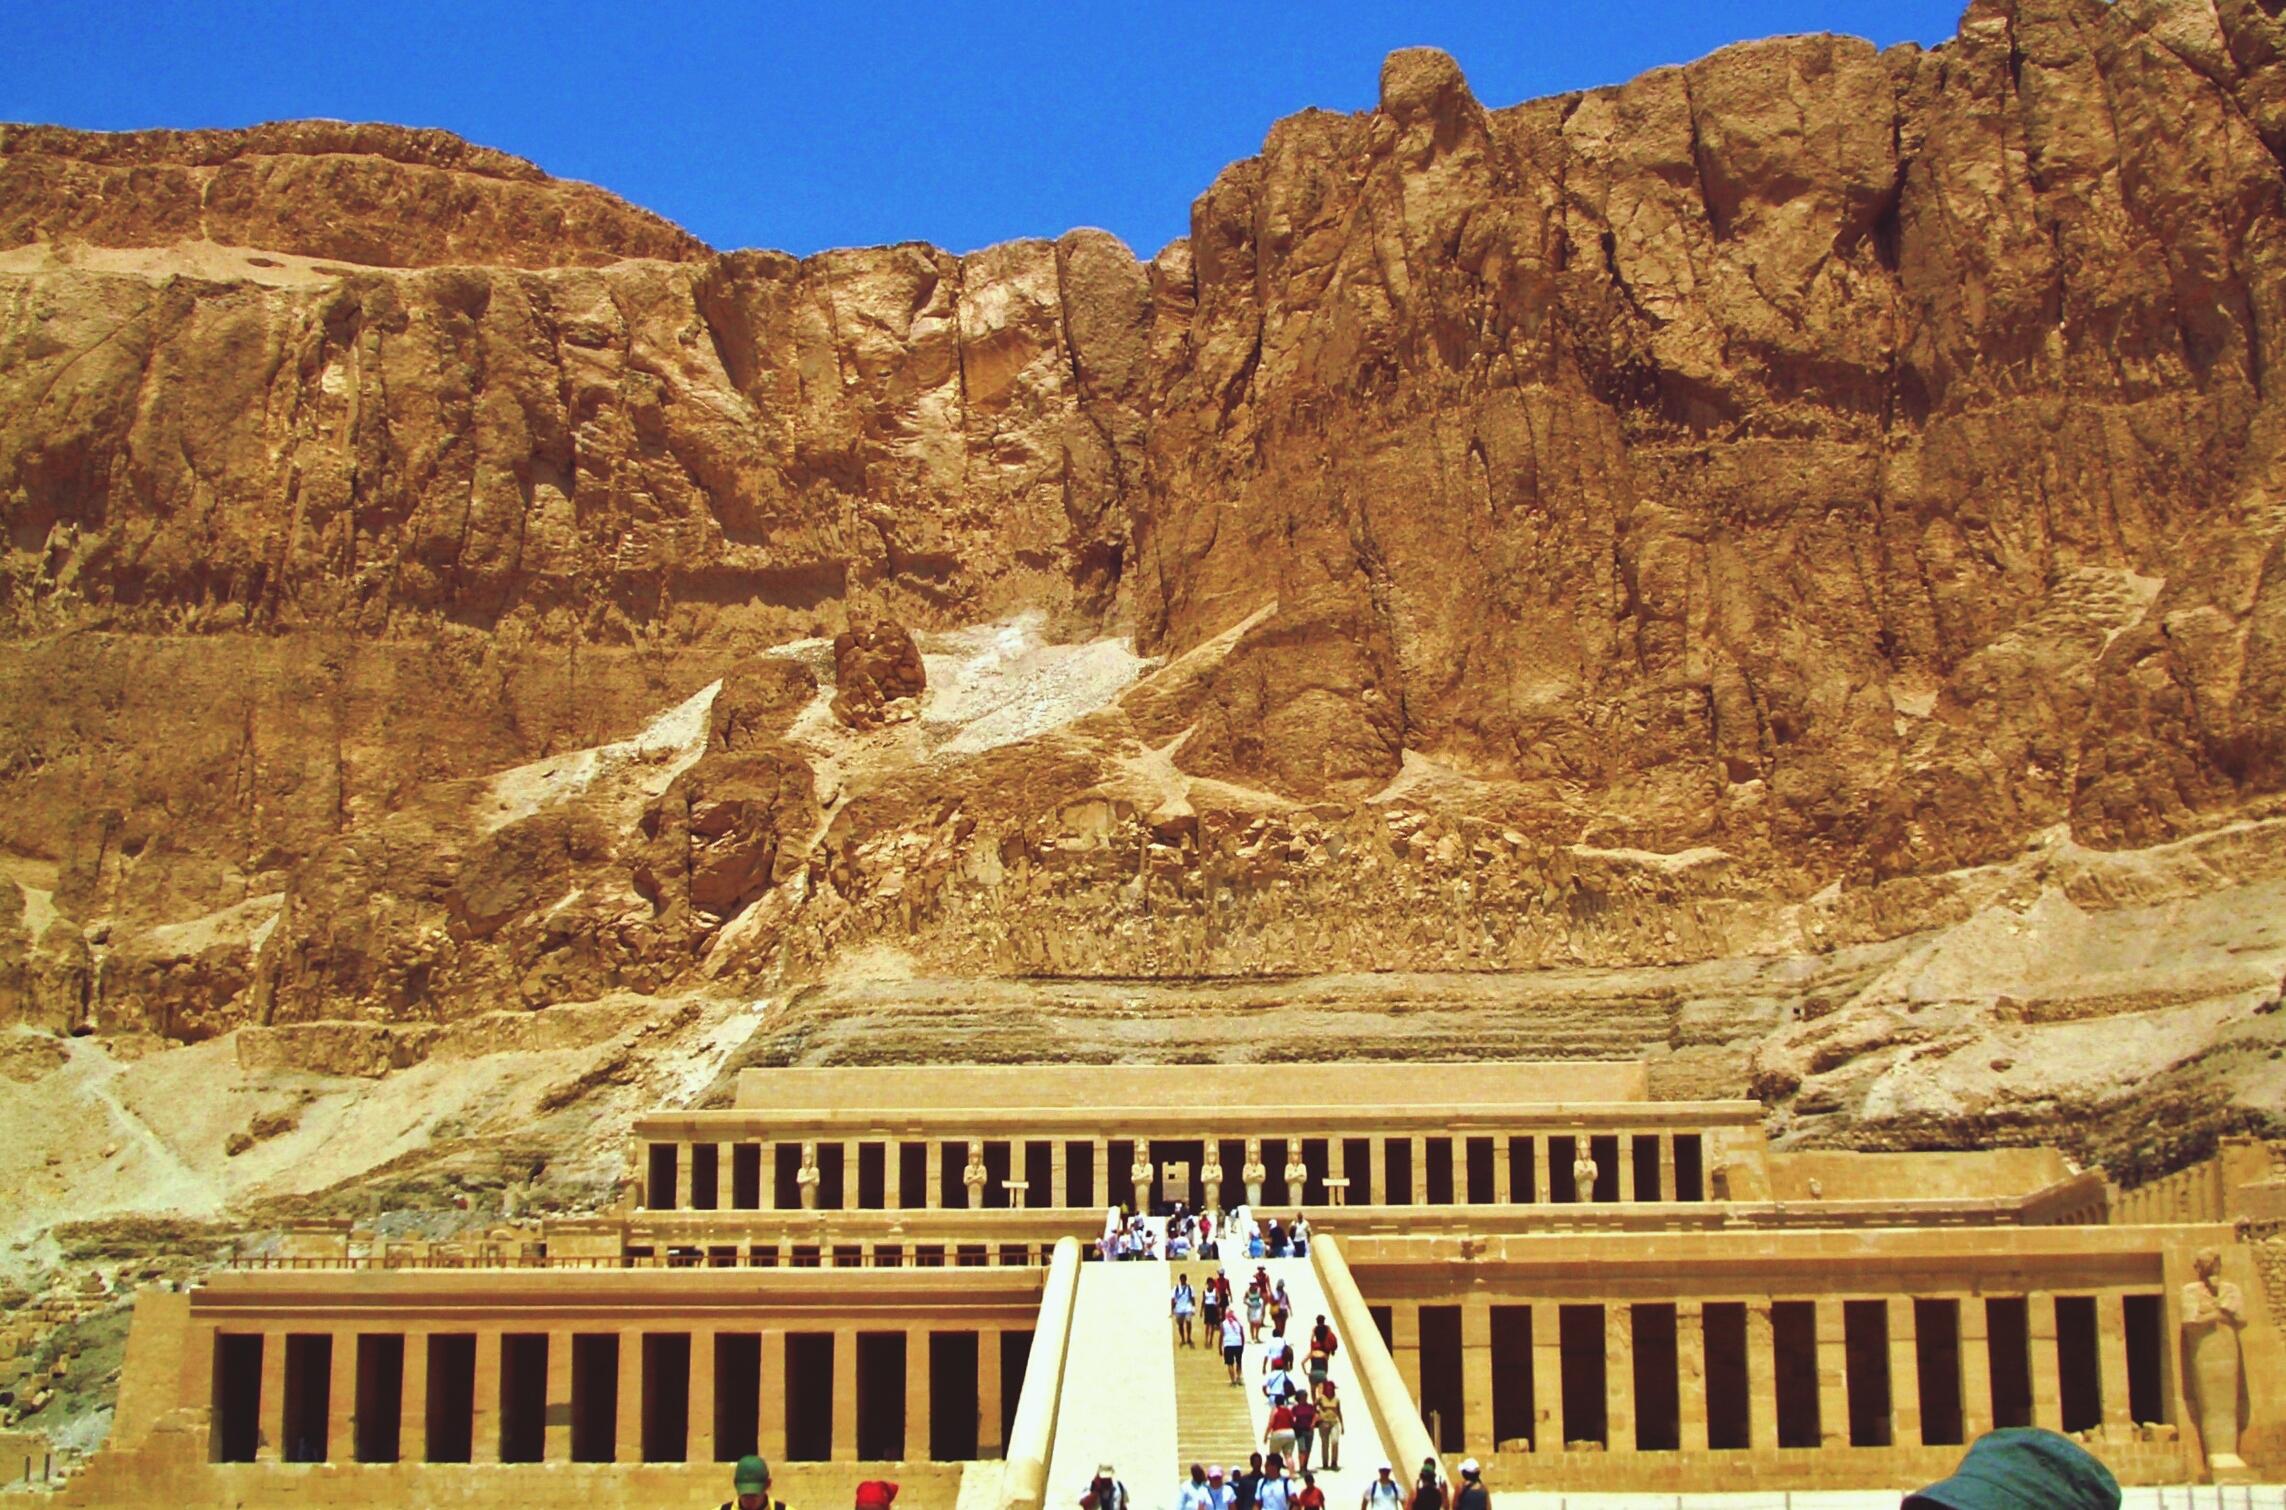 Templo de Hatshepsut en Egipto